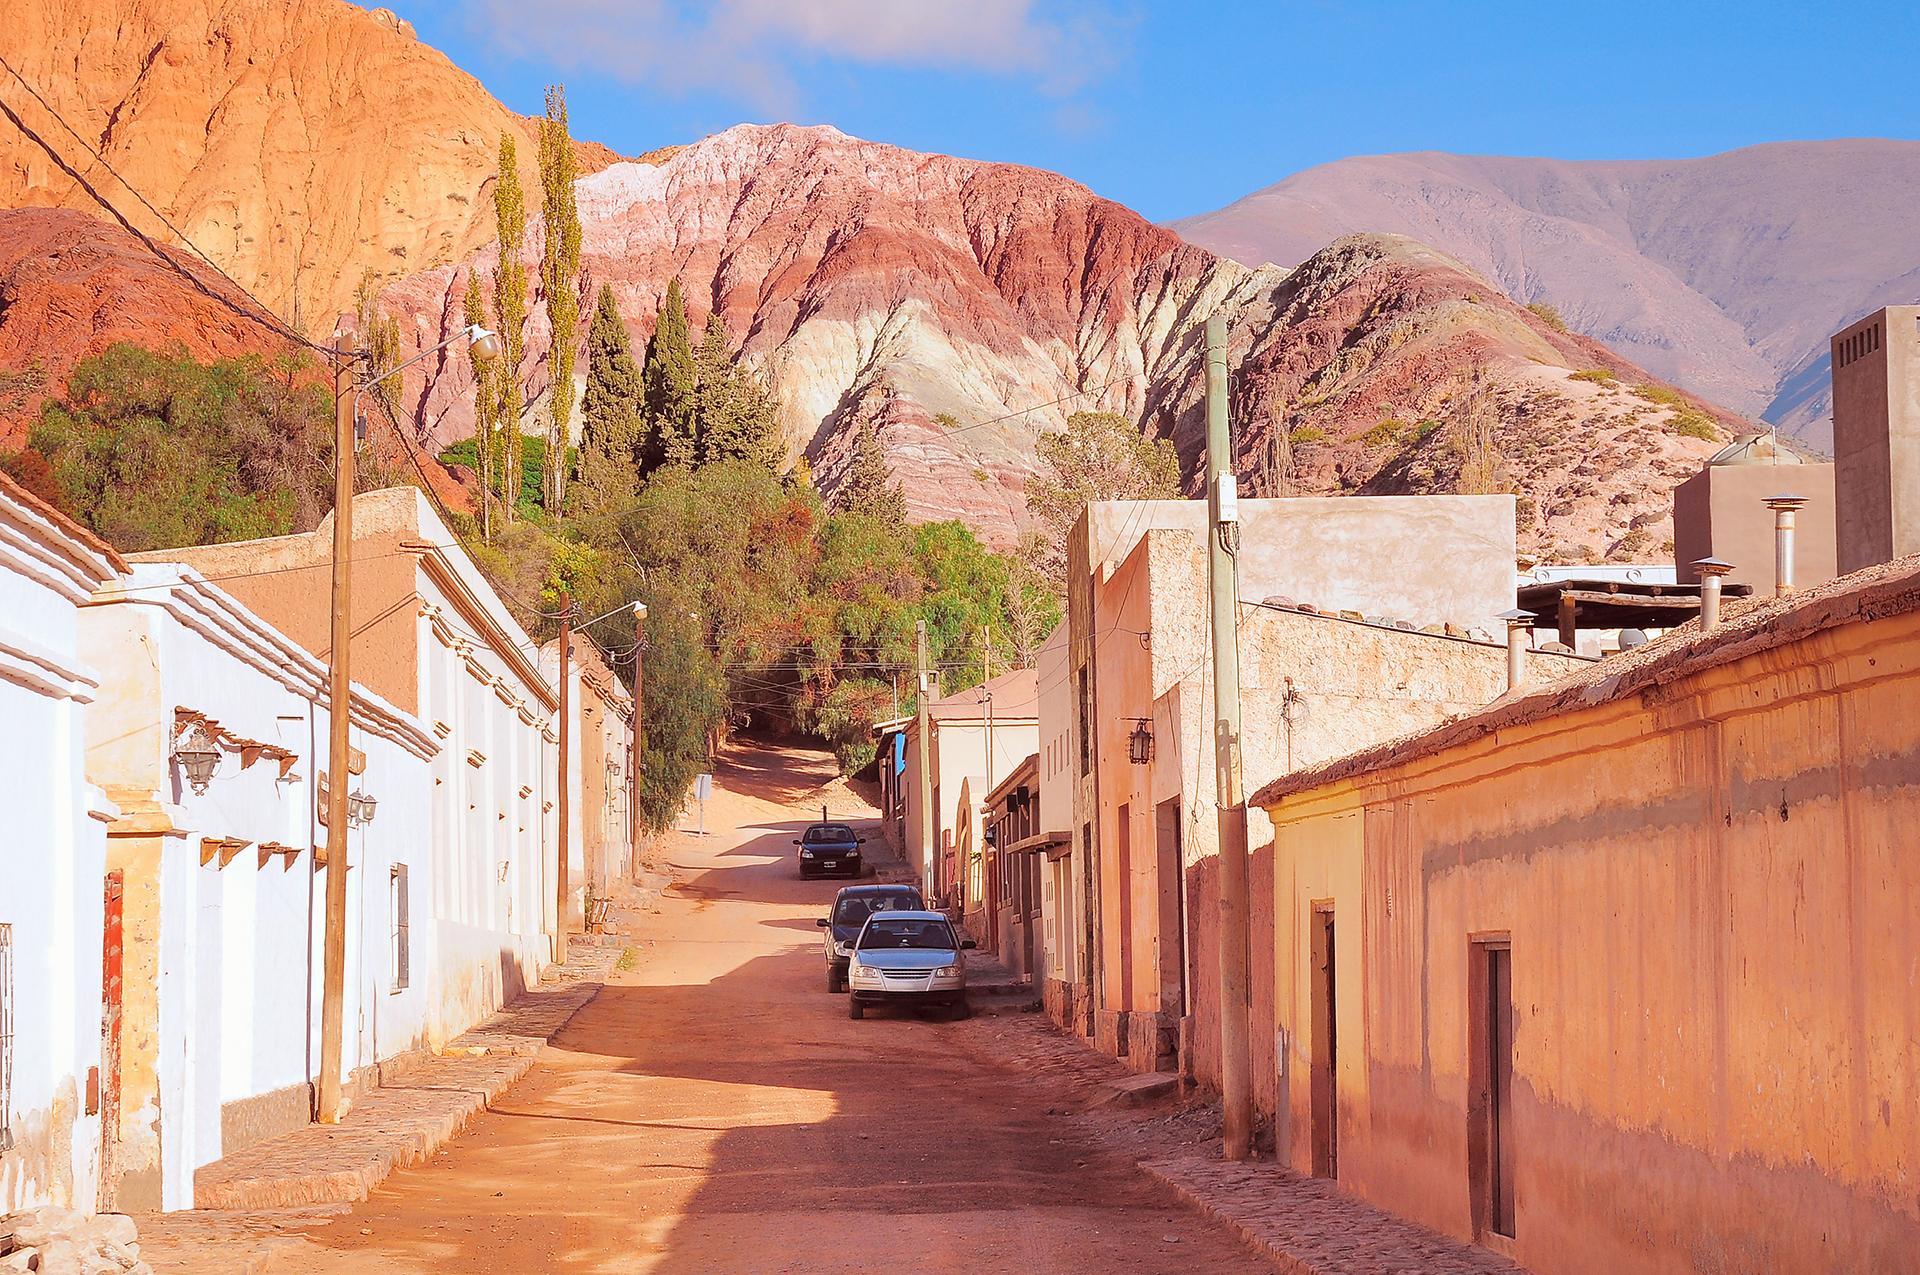 Una oportunidad única para conocer el norte argentino mediante una experiencia increíble como una propuesta de casamiento (Getty Images)